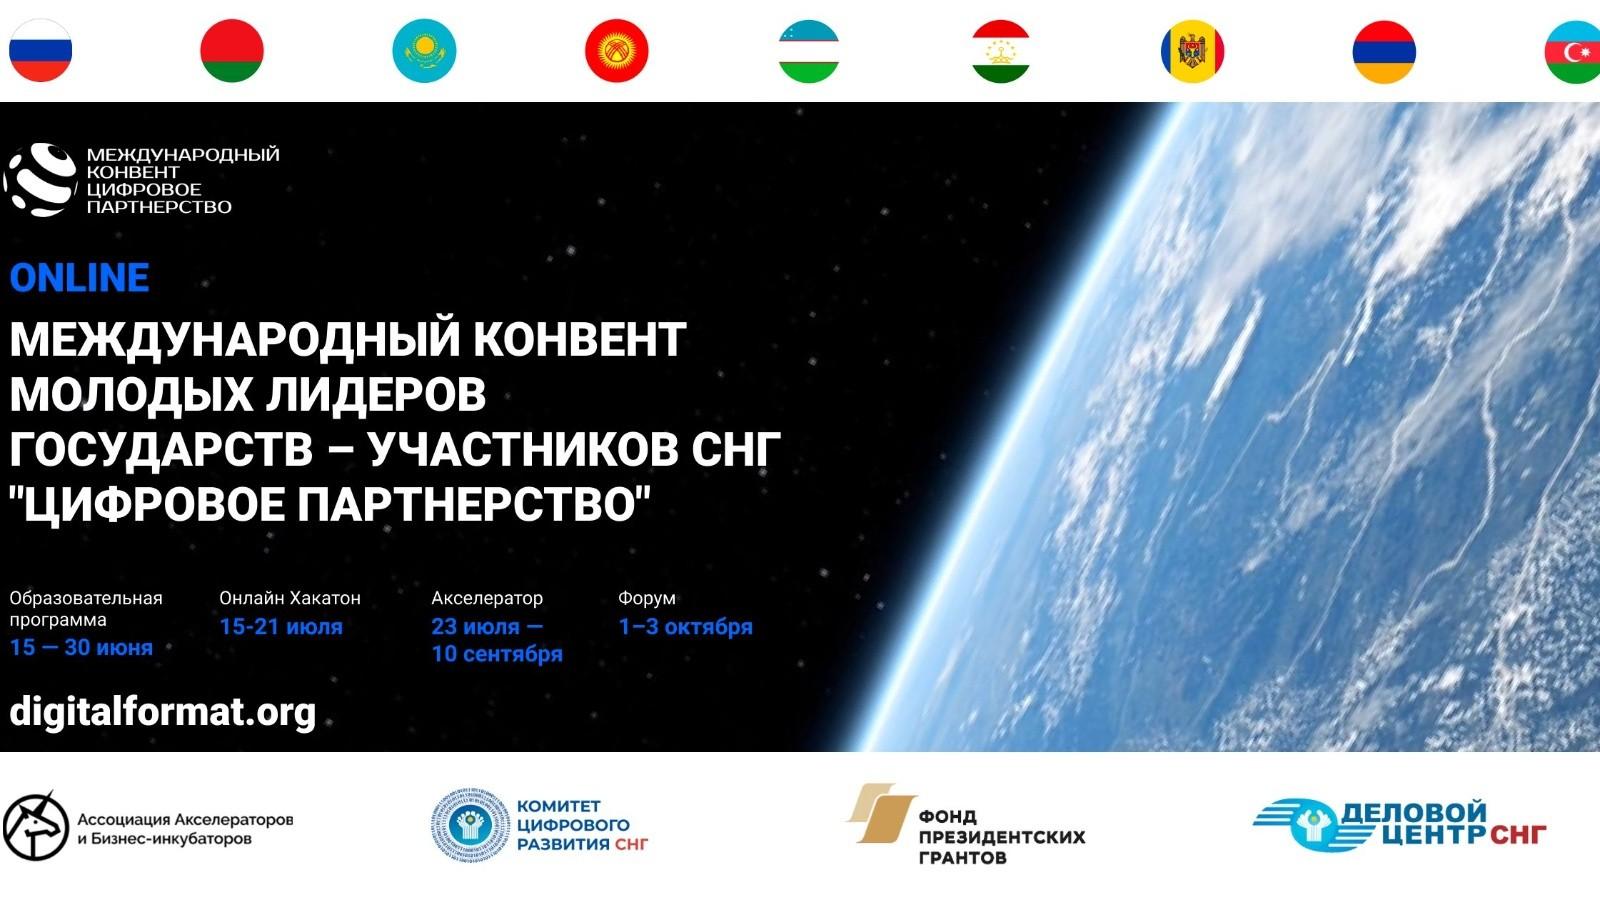 Международный конвент молодых лидеров государств – участников СНГ «Цифровое партнерство»